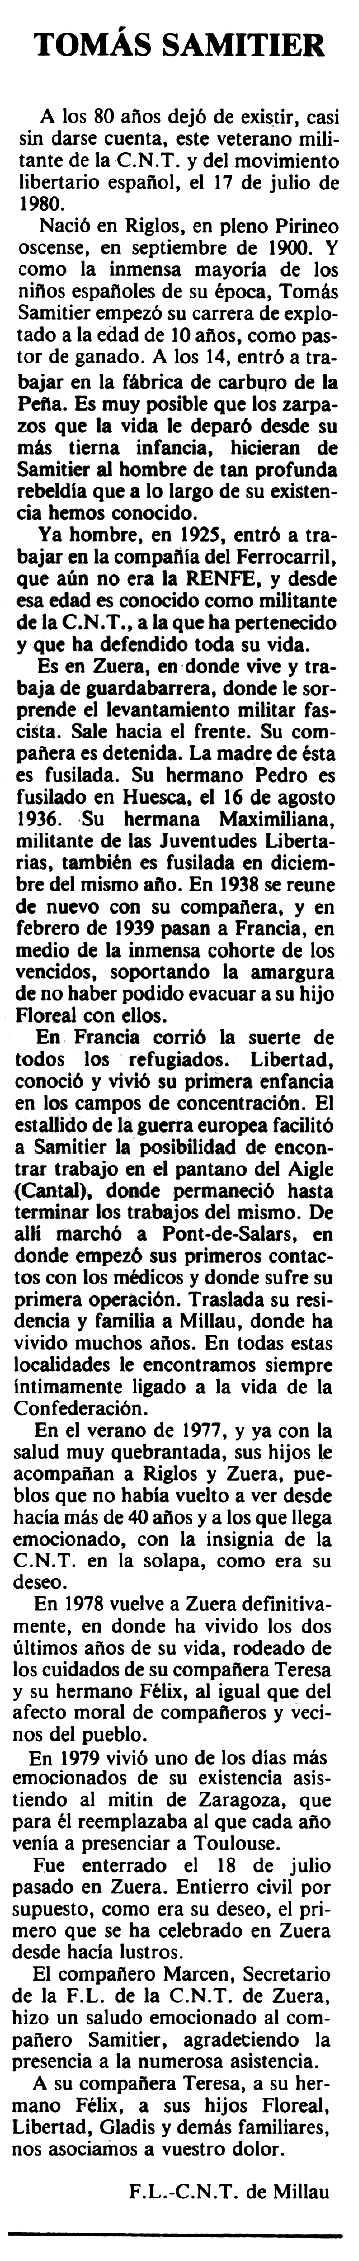 """Necrològica de Tomás Samitier Uruen apareguda en el periòdic tolosà """"Espoir"""" del 18 de gener de 1981"""